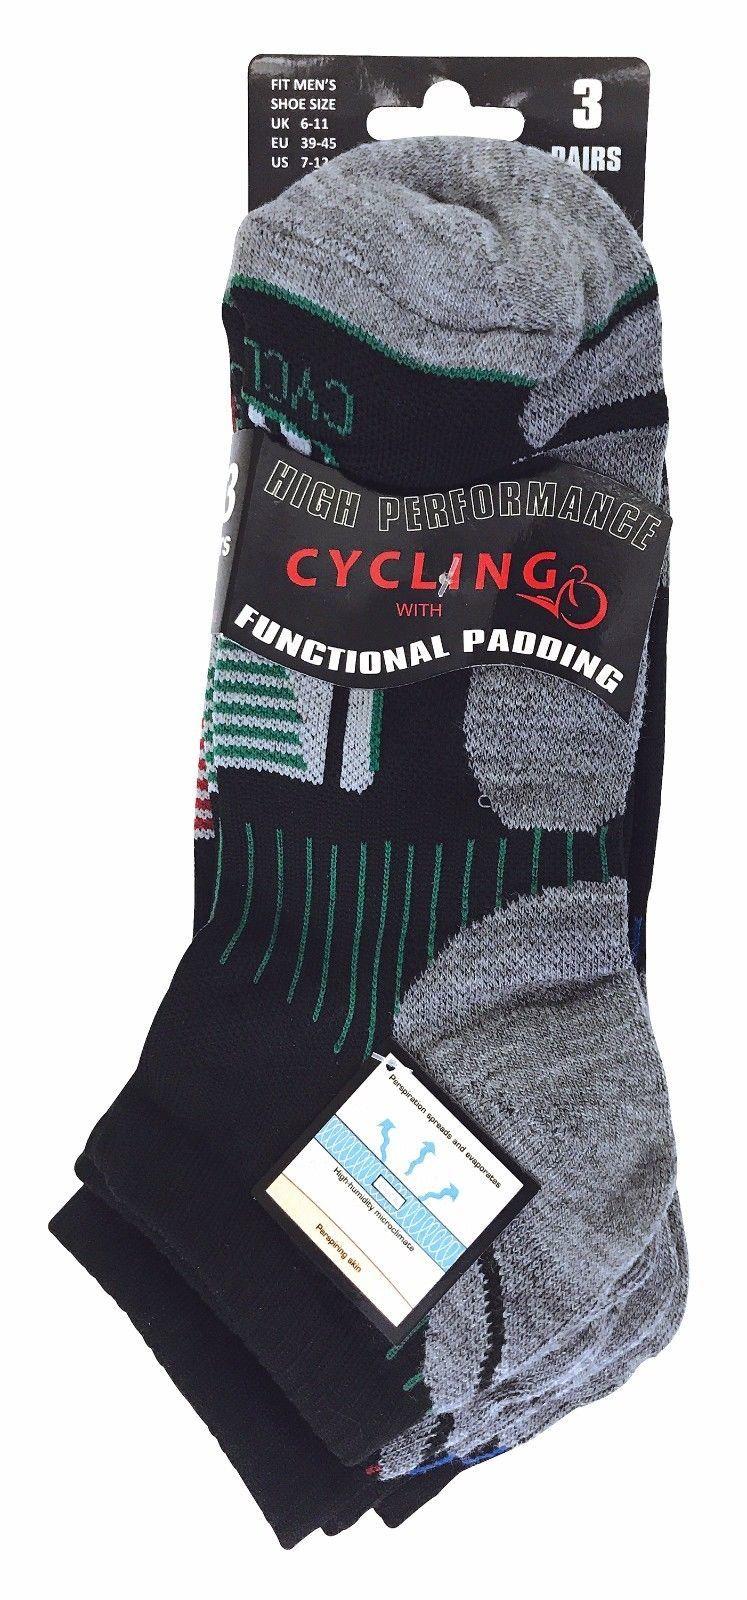 3 Paires Femme Cyclistes Courtes Basses Anti Ampoules Sport Cyclisme Chaussettes